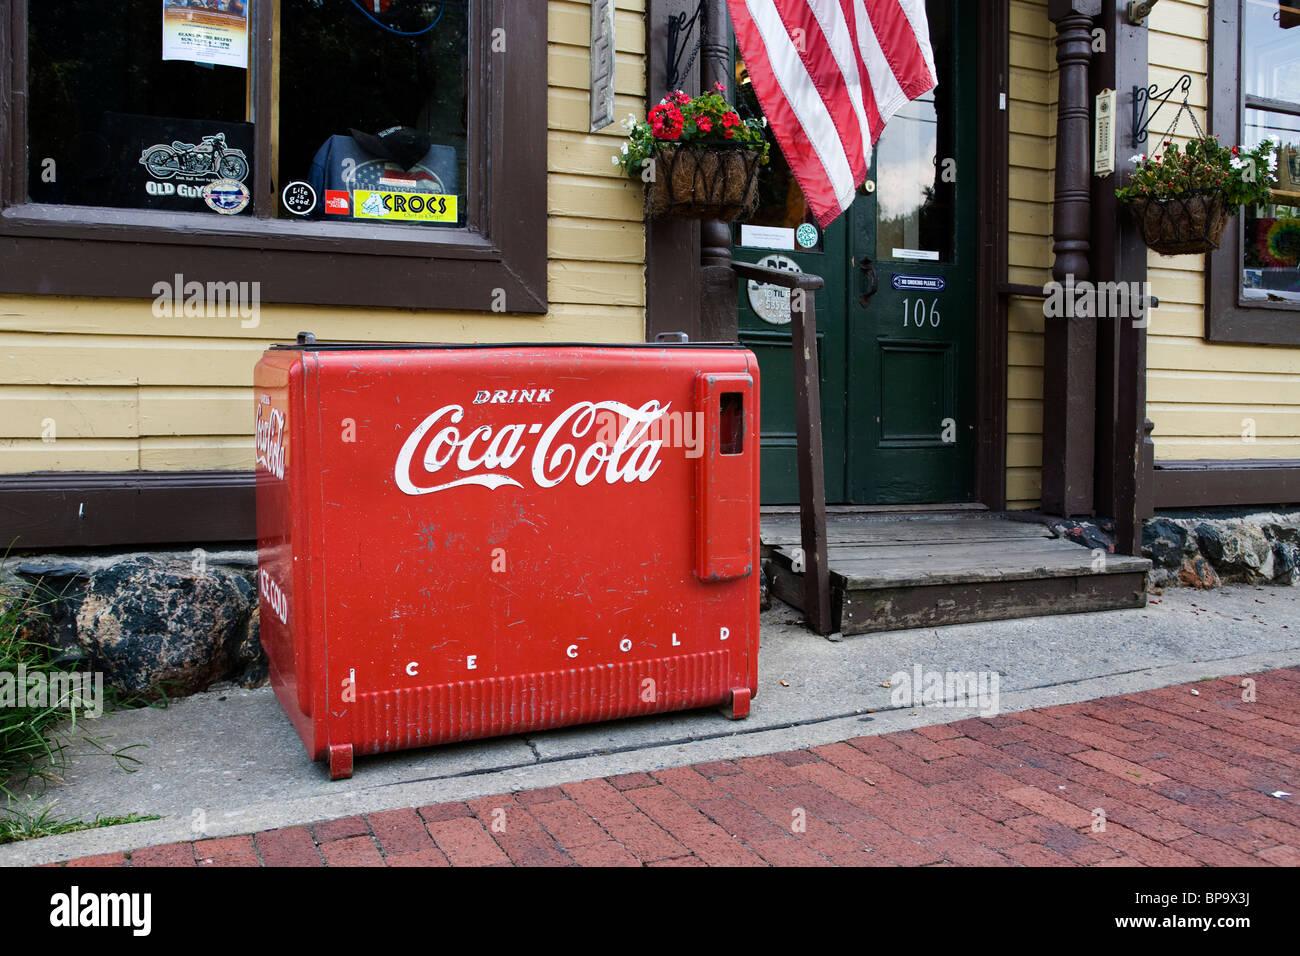 Coca Cola Antique plus frais en face de country store - Virginie-Occidentale, États-Unis Banque D'Images